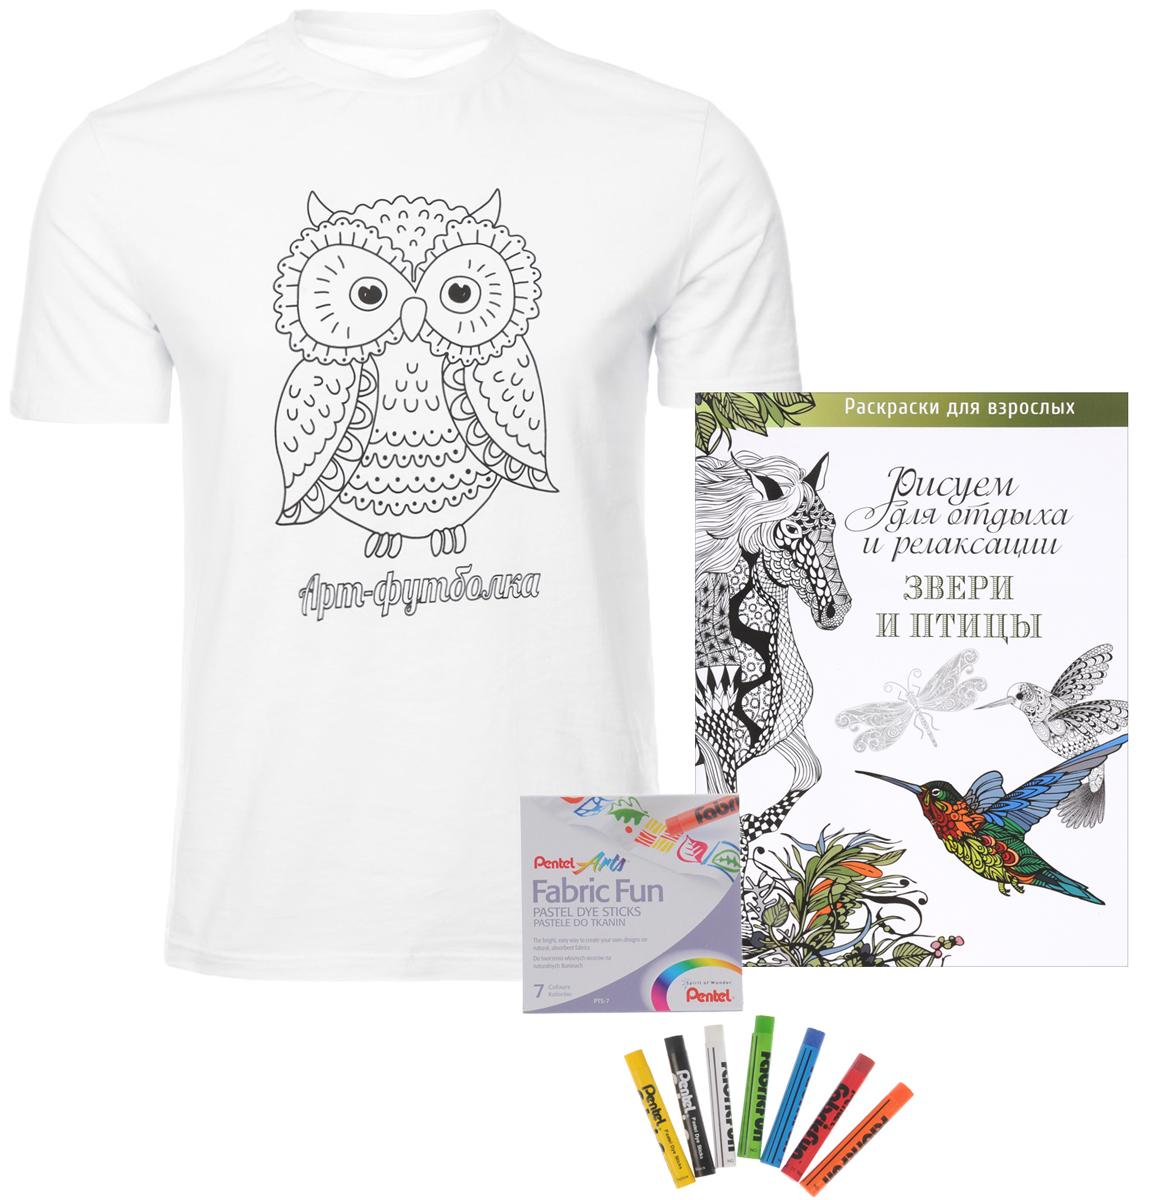 Звери и птицы. Рисуем для отдыха и релаксации (+ мелки + футболка размера L)